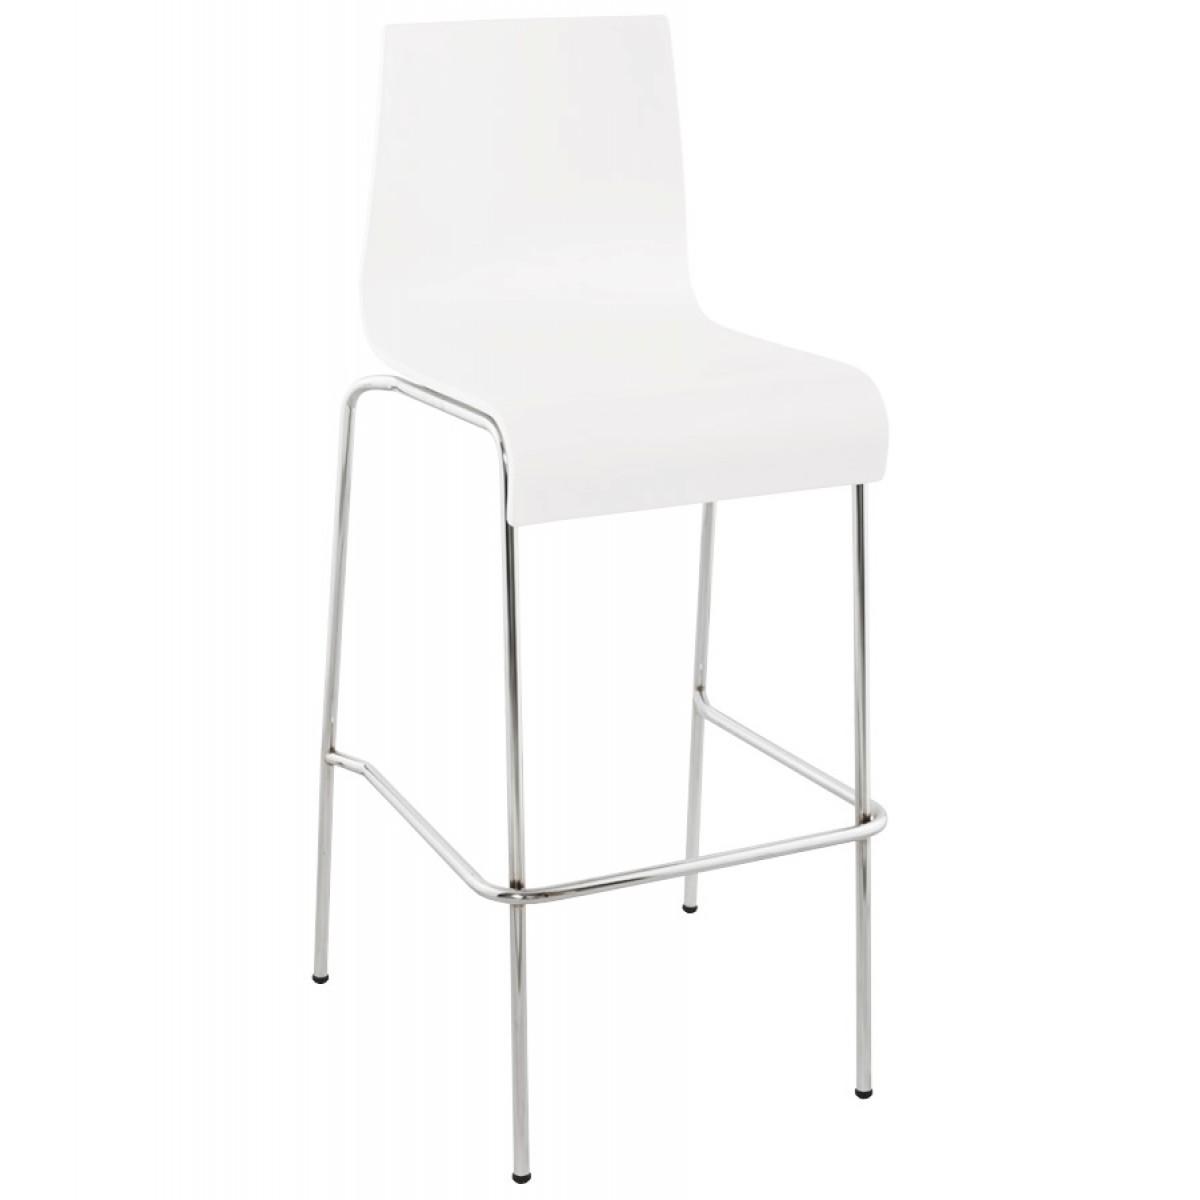 Sitzhöhe Barhocker barstuhl stapelbar weiß barhocker stapelbar metall sitzhöhe 74 cm